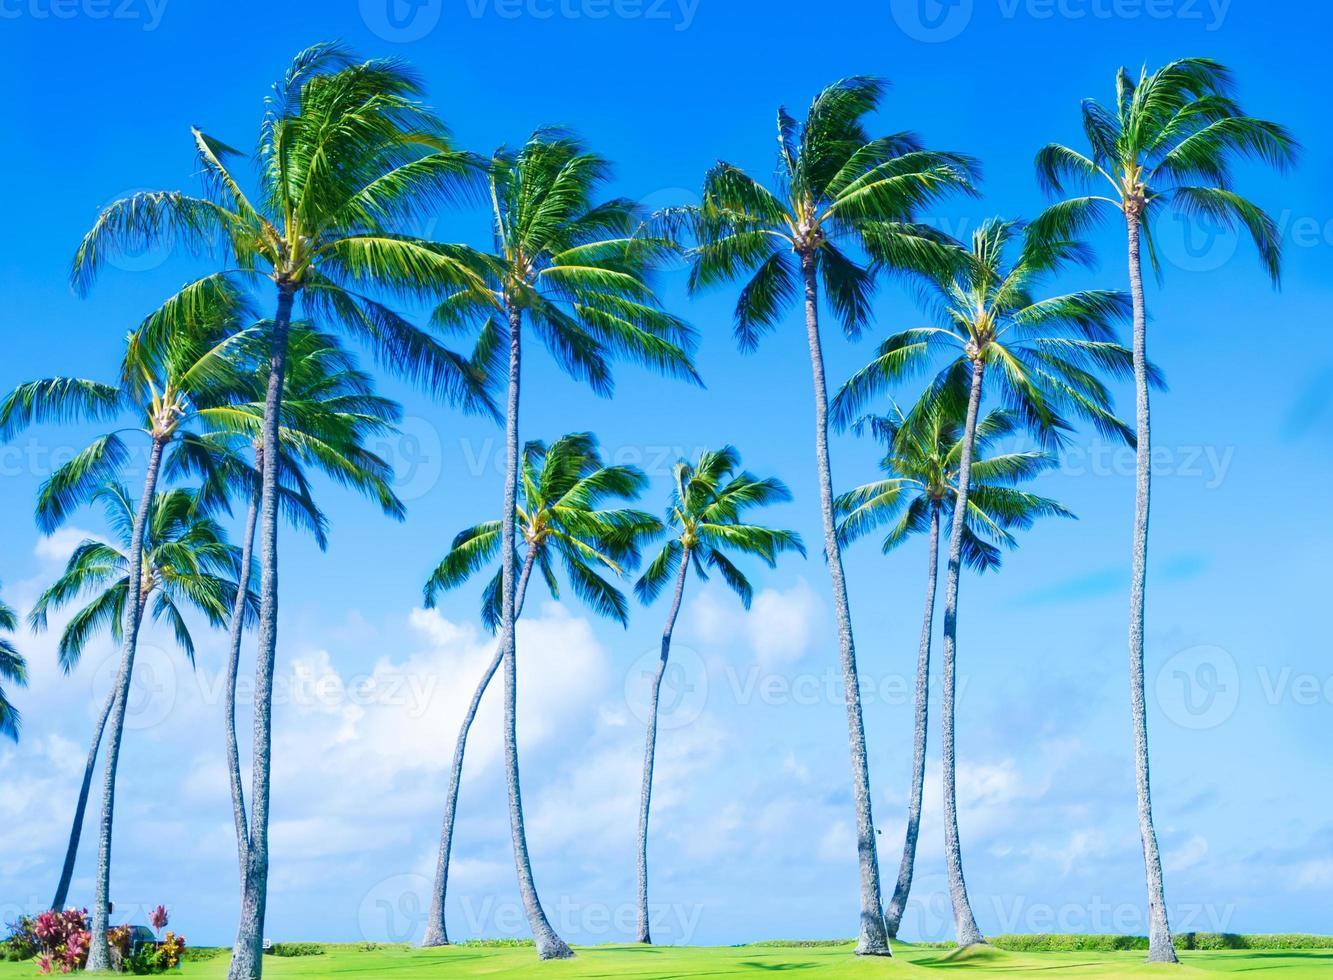 albero del cocco sulla spiaggia in Hawai foto